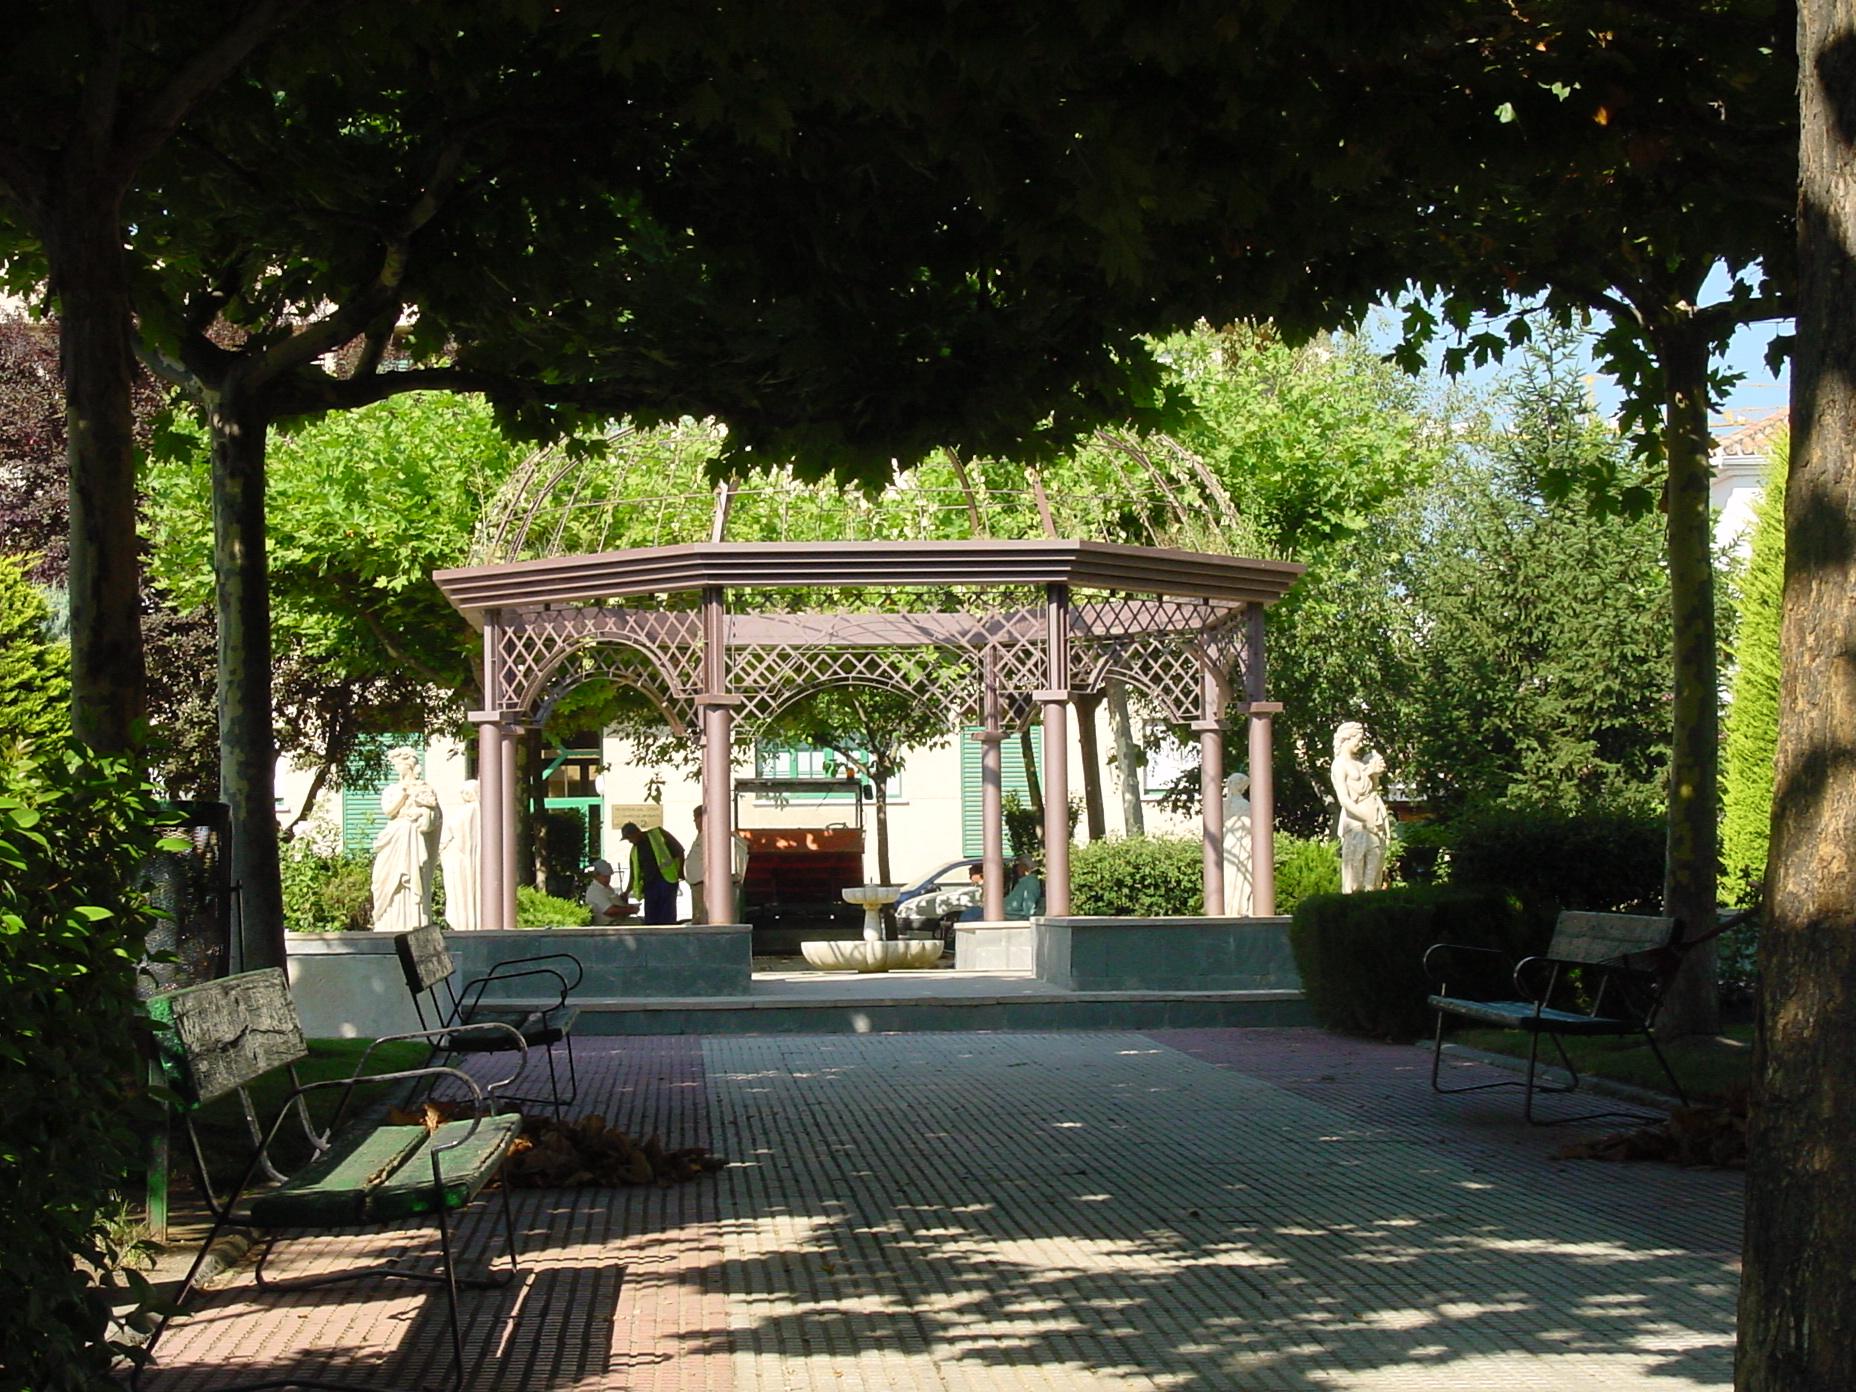 Parque en Villanueva del Pardillo